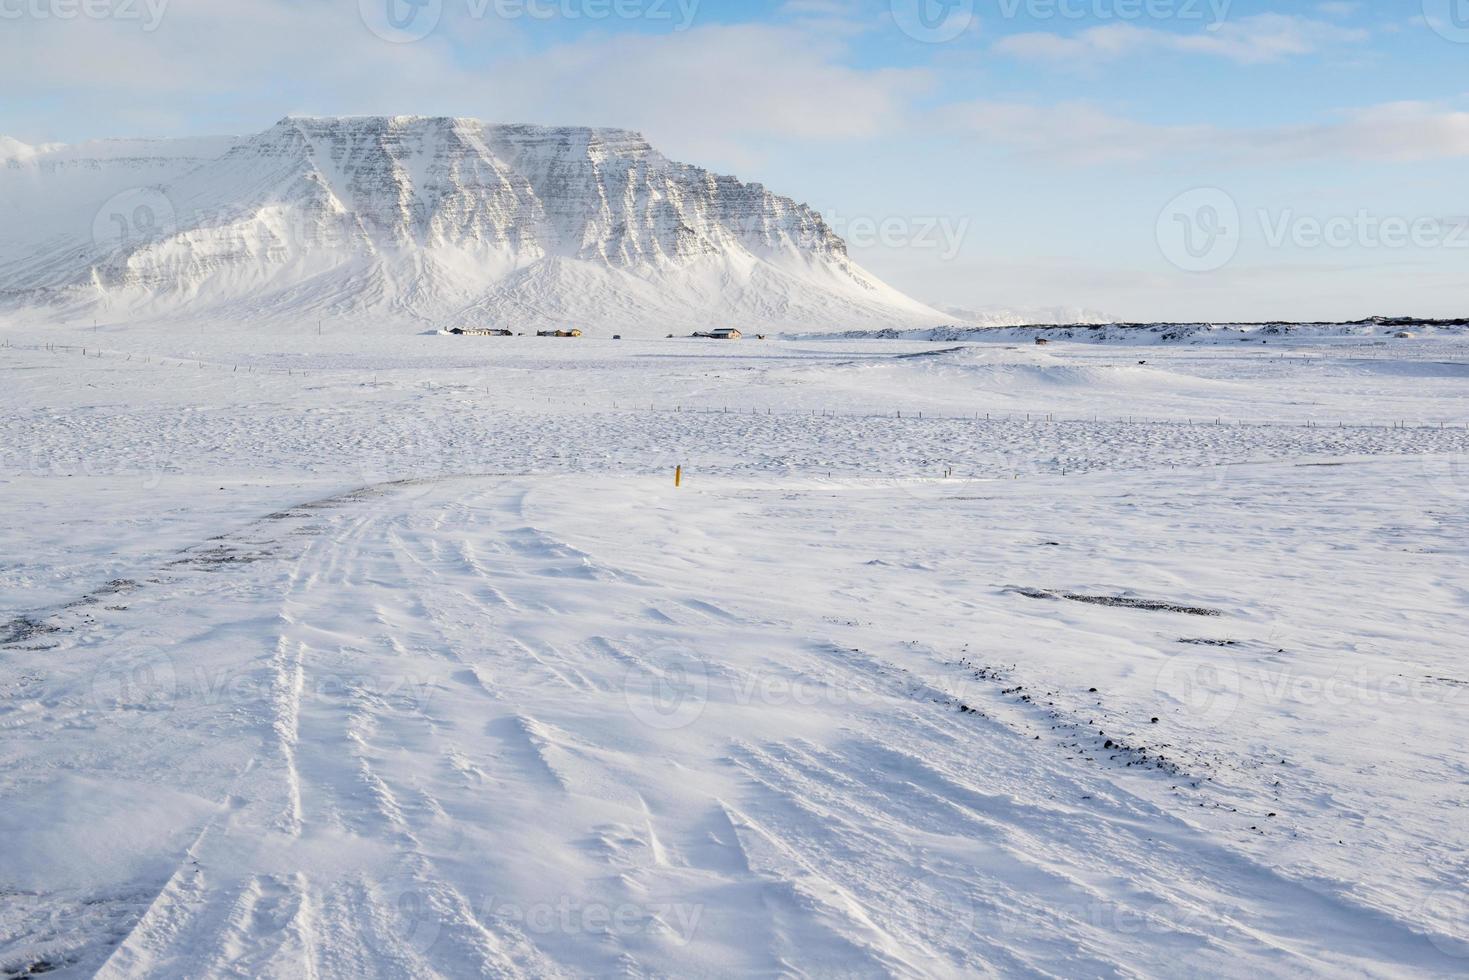 paisagem de inverno com montanhas, neve e pequenas casas de fazenda, Islândia foto